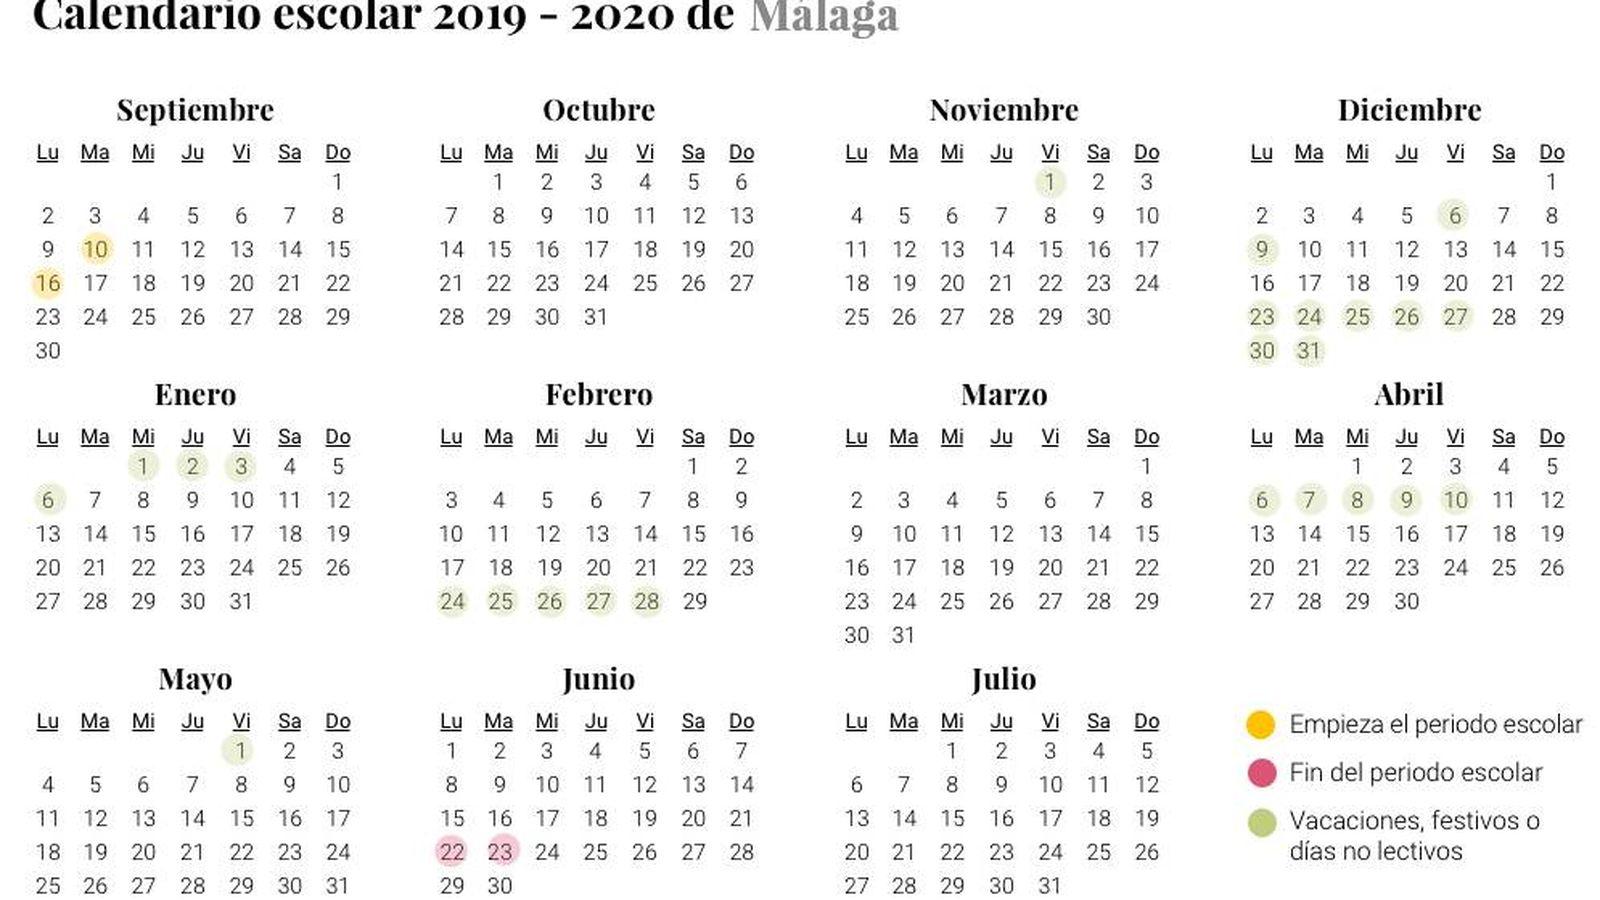 Calendario 2020 Con Festivos Andalucia.Calendario Escolar De 2019 2020 En Malaga Vacaciones Y